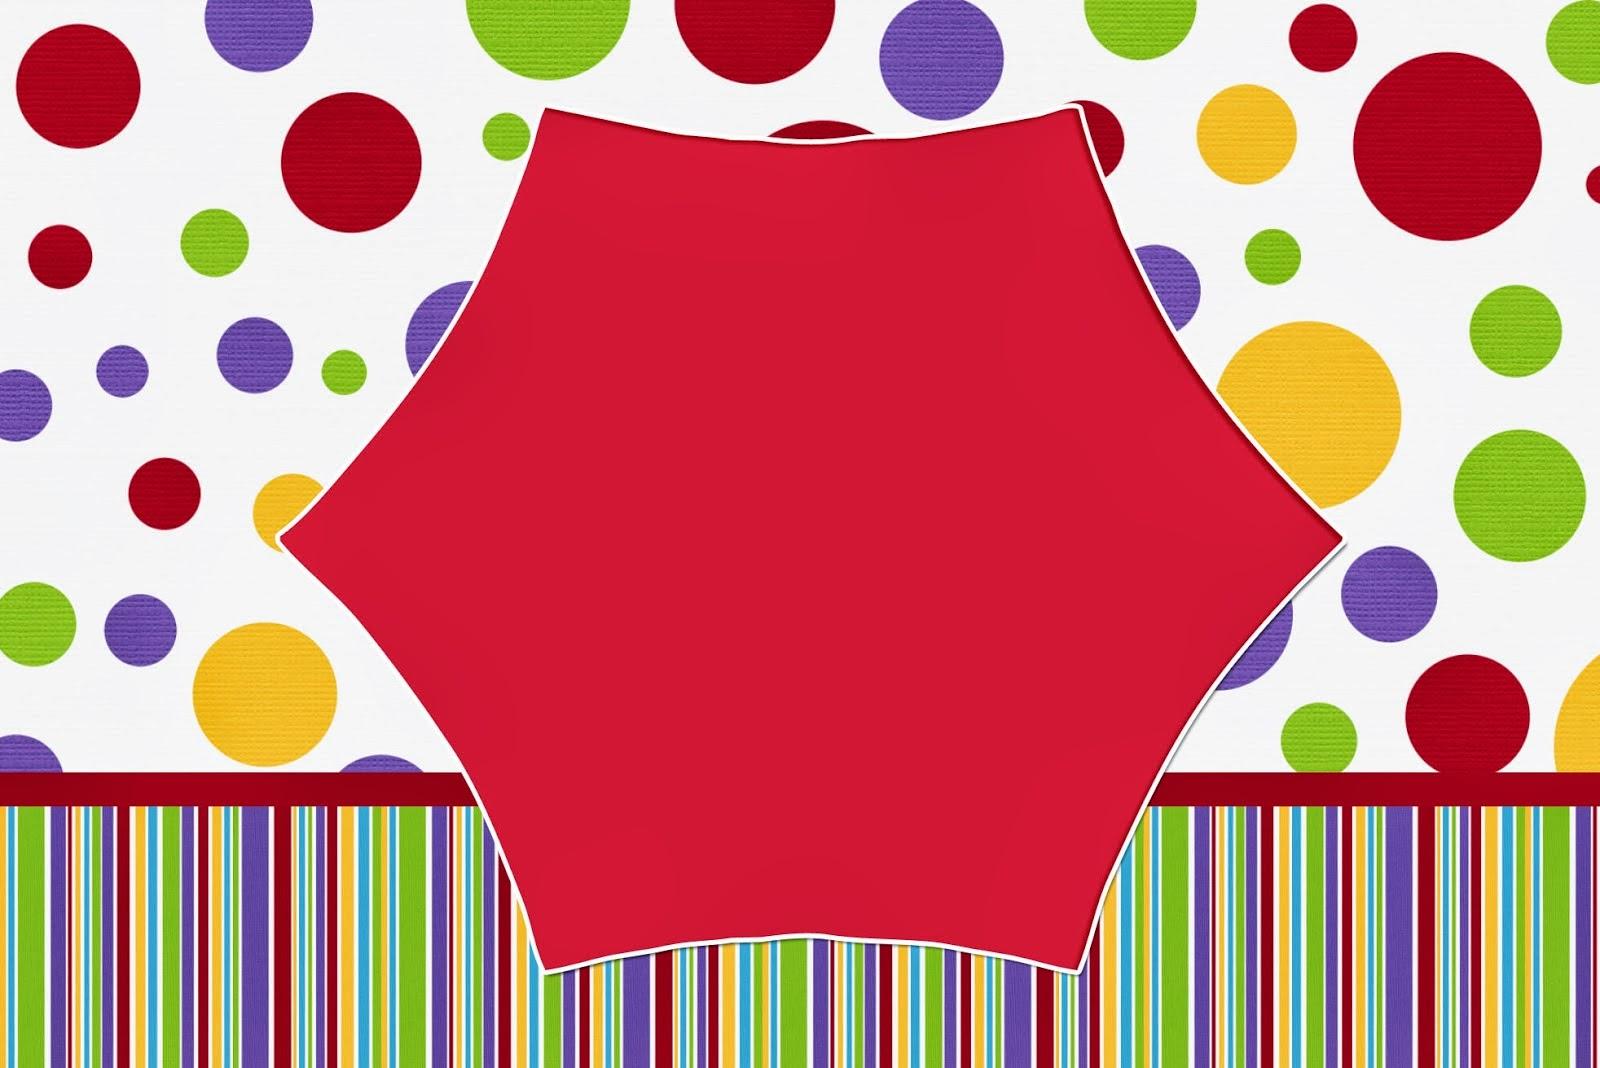 Rojo, Morado, Verde Y Amarillo: Tarjetas O Invitaciones